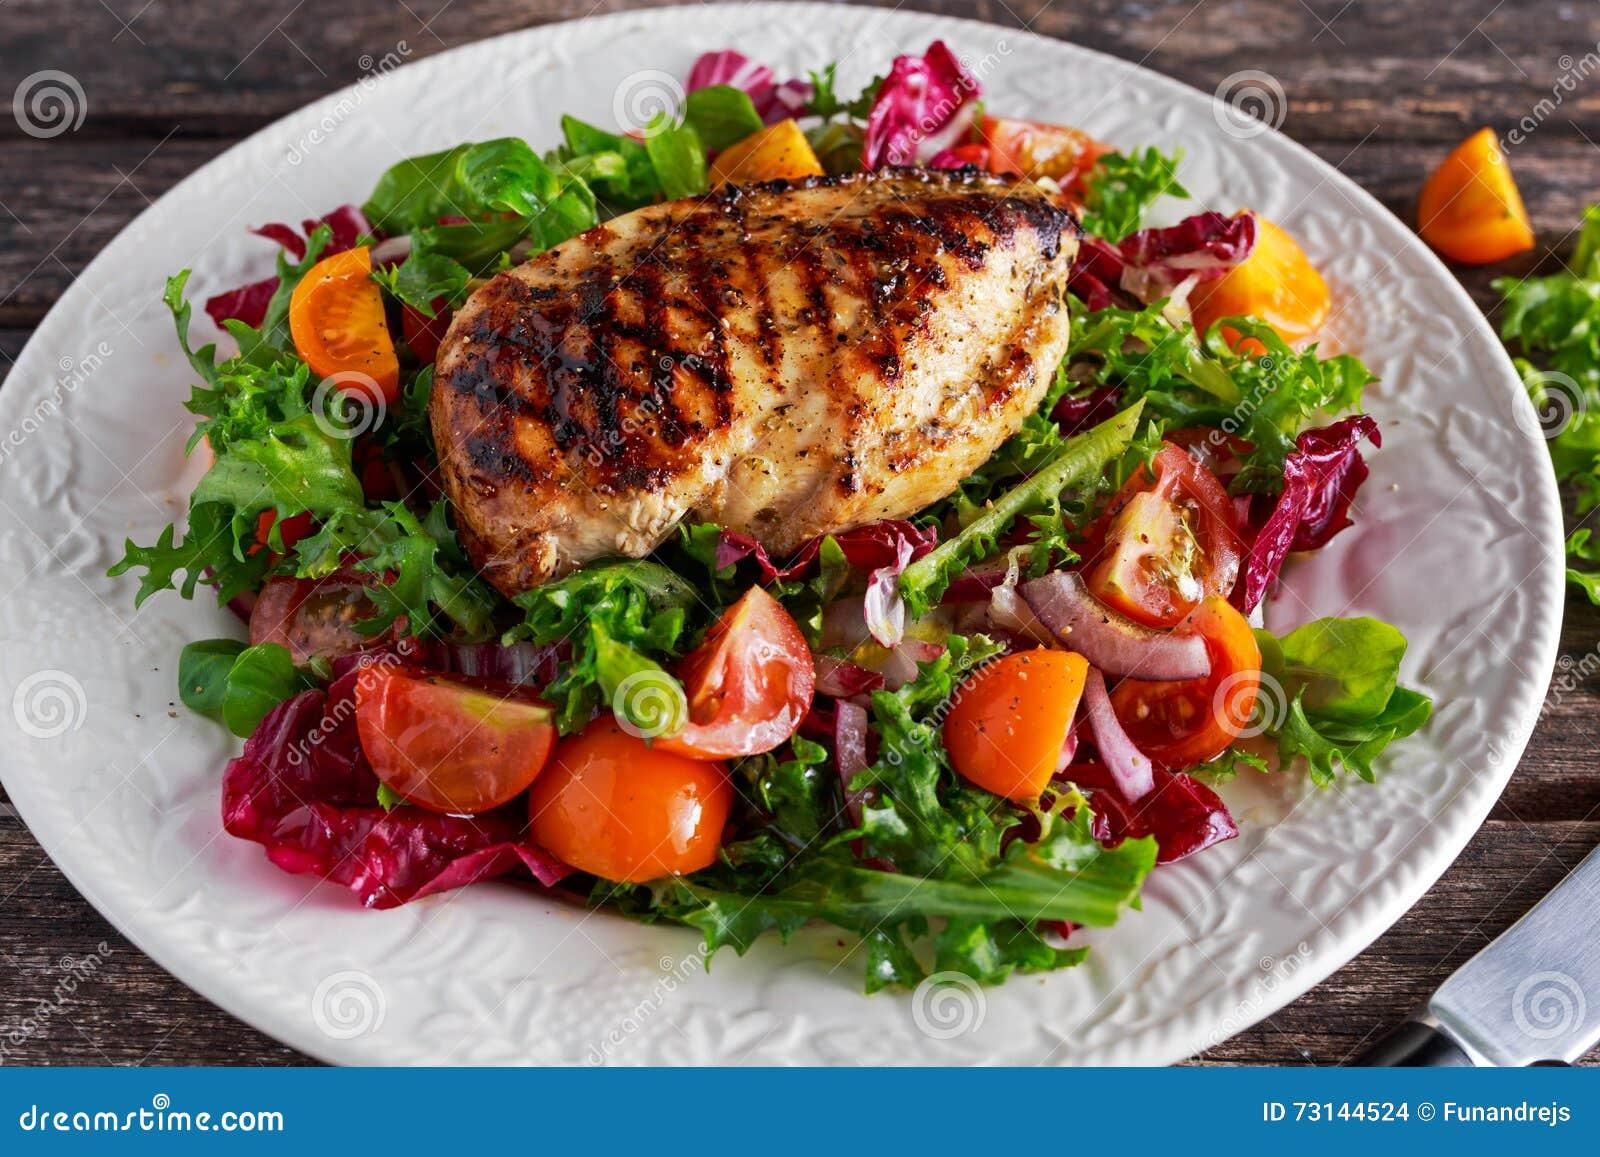 烤鸡胸脯内圆角用新鲜的蕃茄菜沙拉 概念健康食物